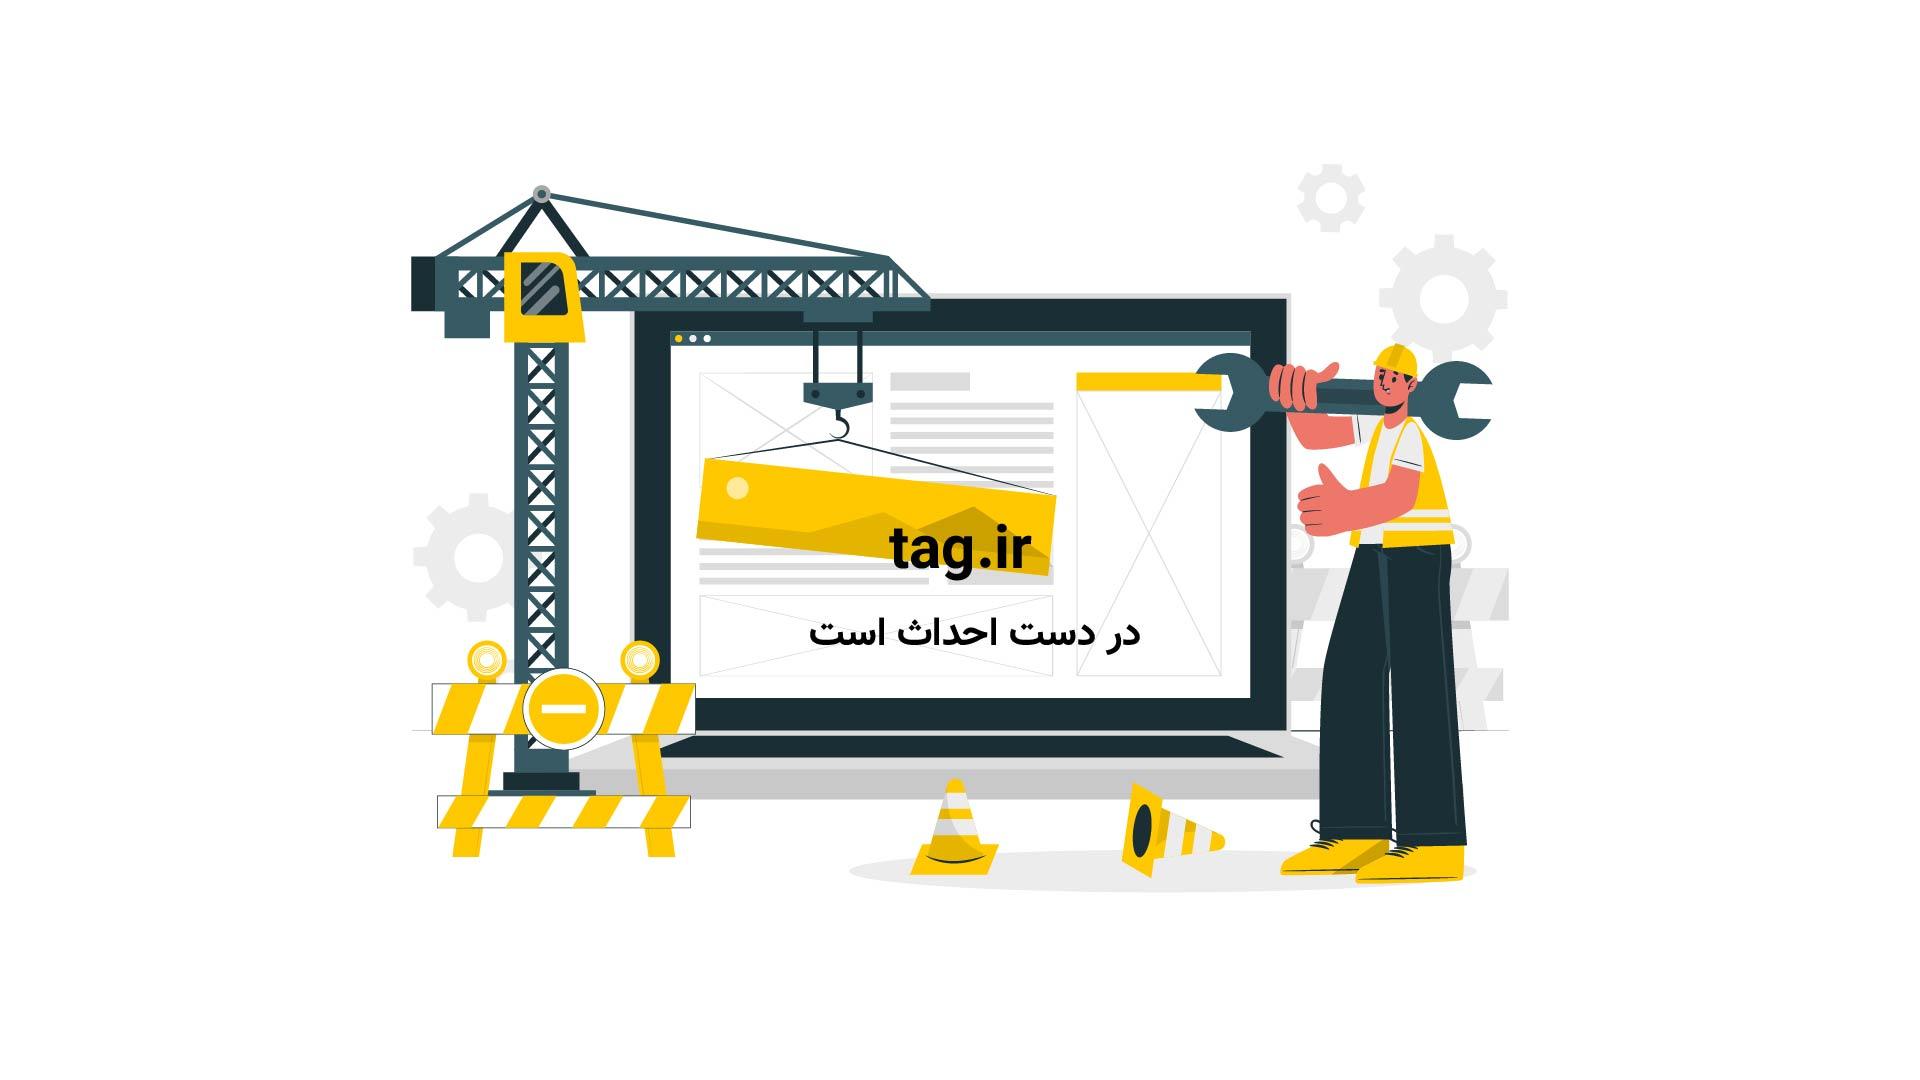 تلاش برای نجات فیل جوان|تگ